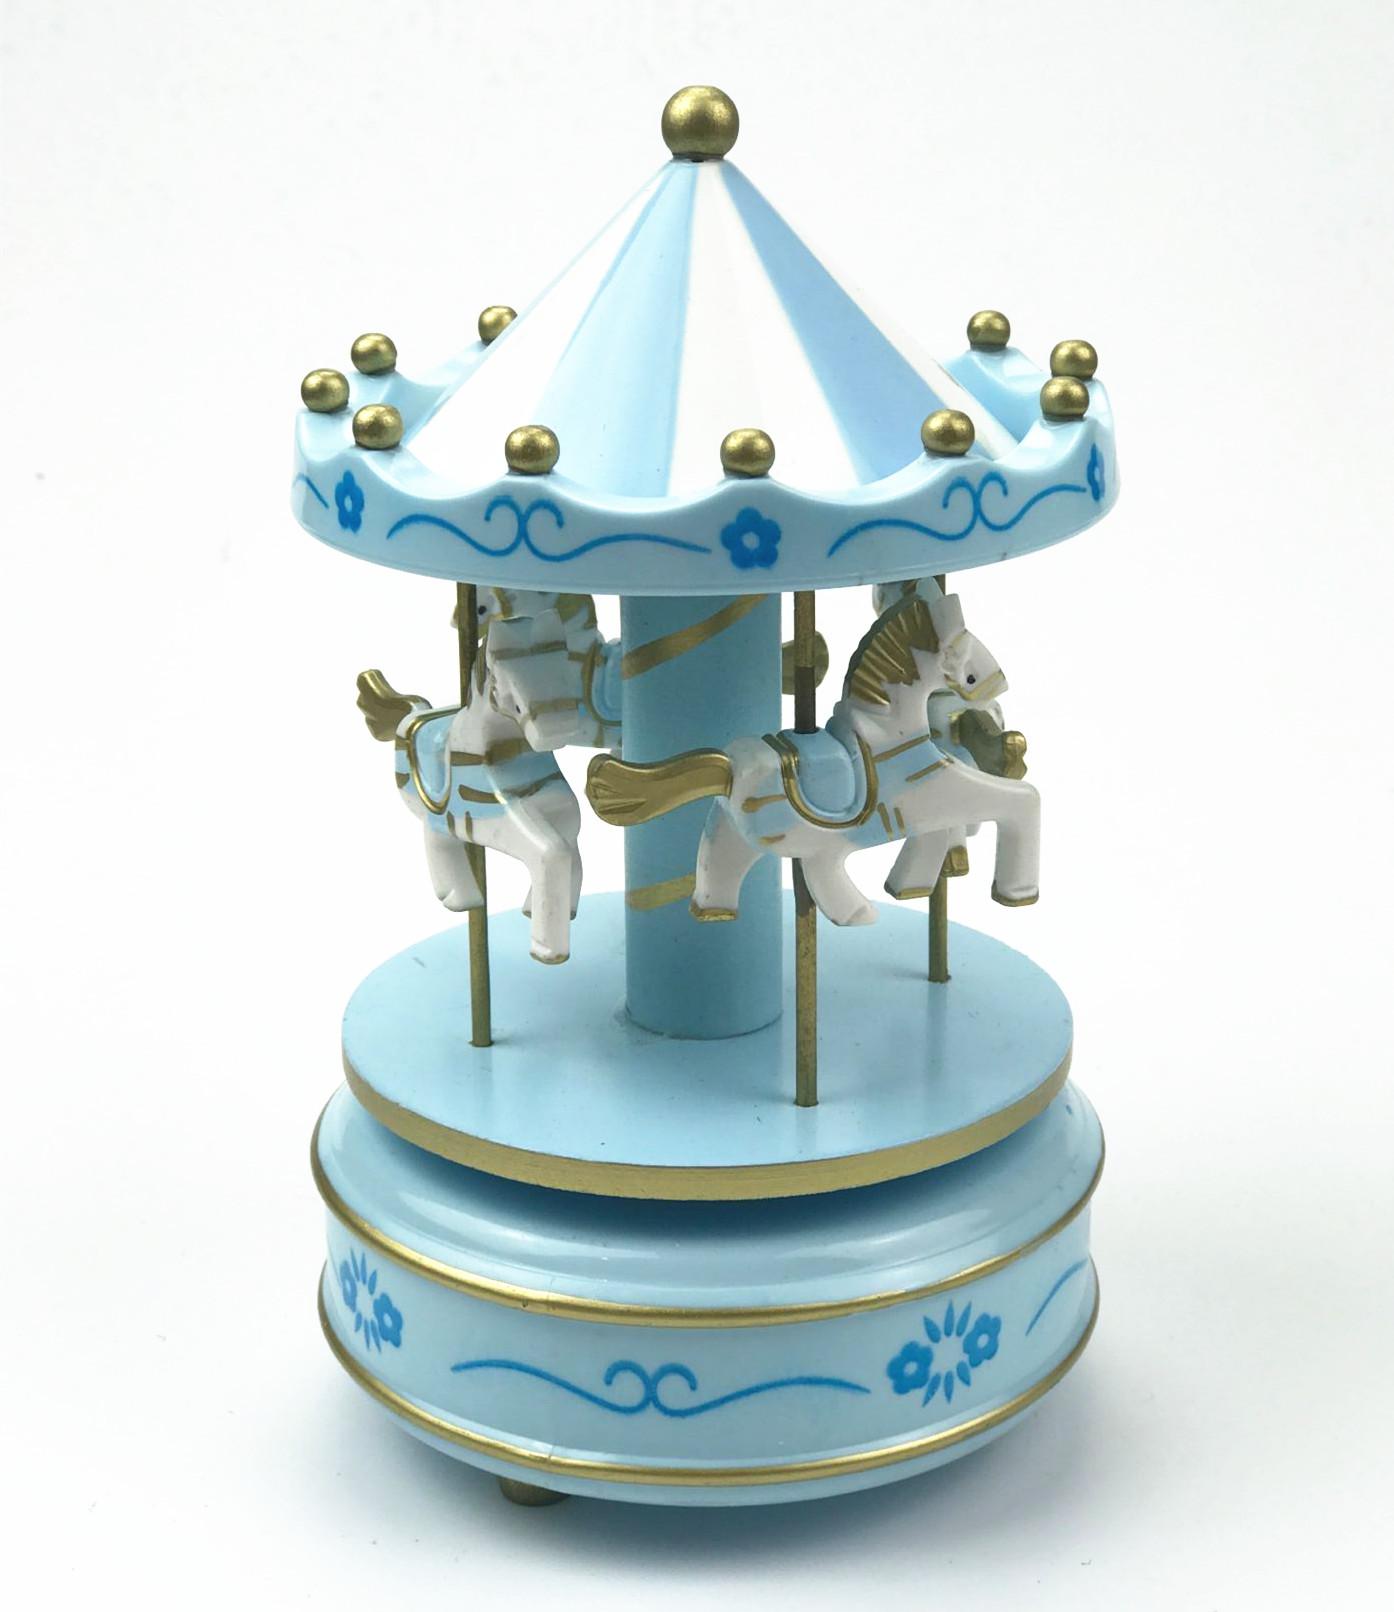 旋转木马蛋糕装饰摆件 生日蛋糕旋转木马装饰 蛋糕装饰配件八音盒